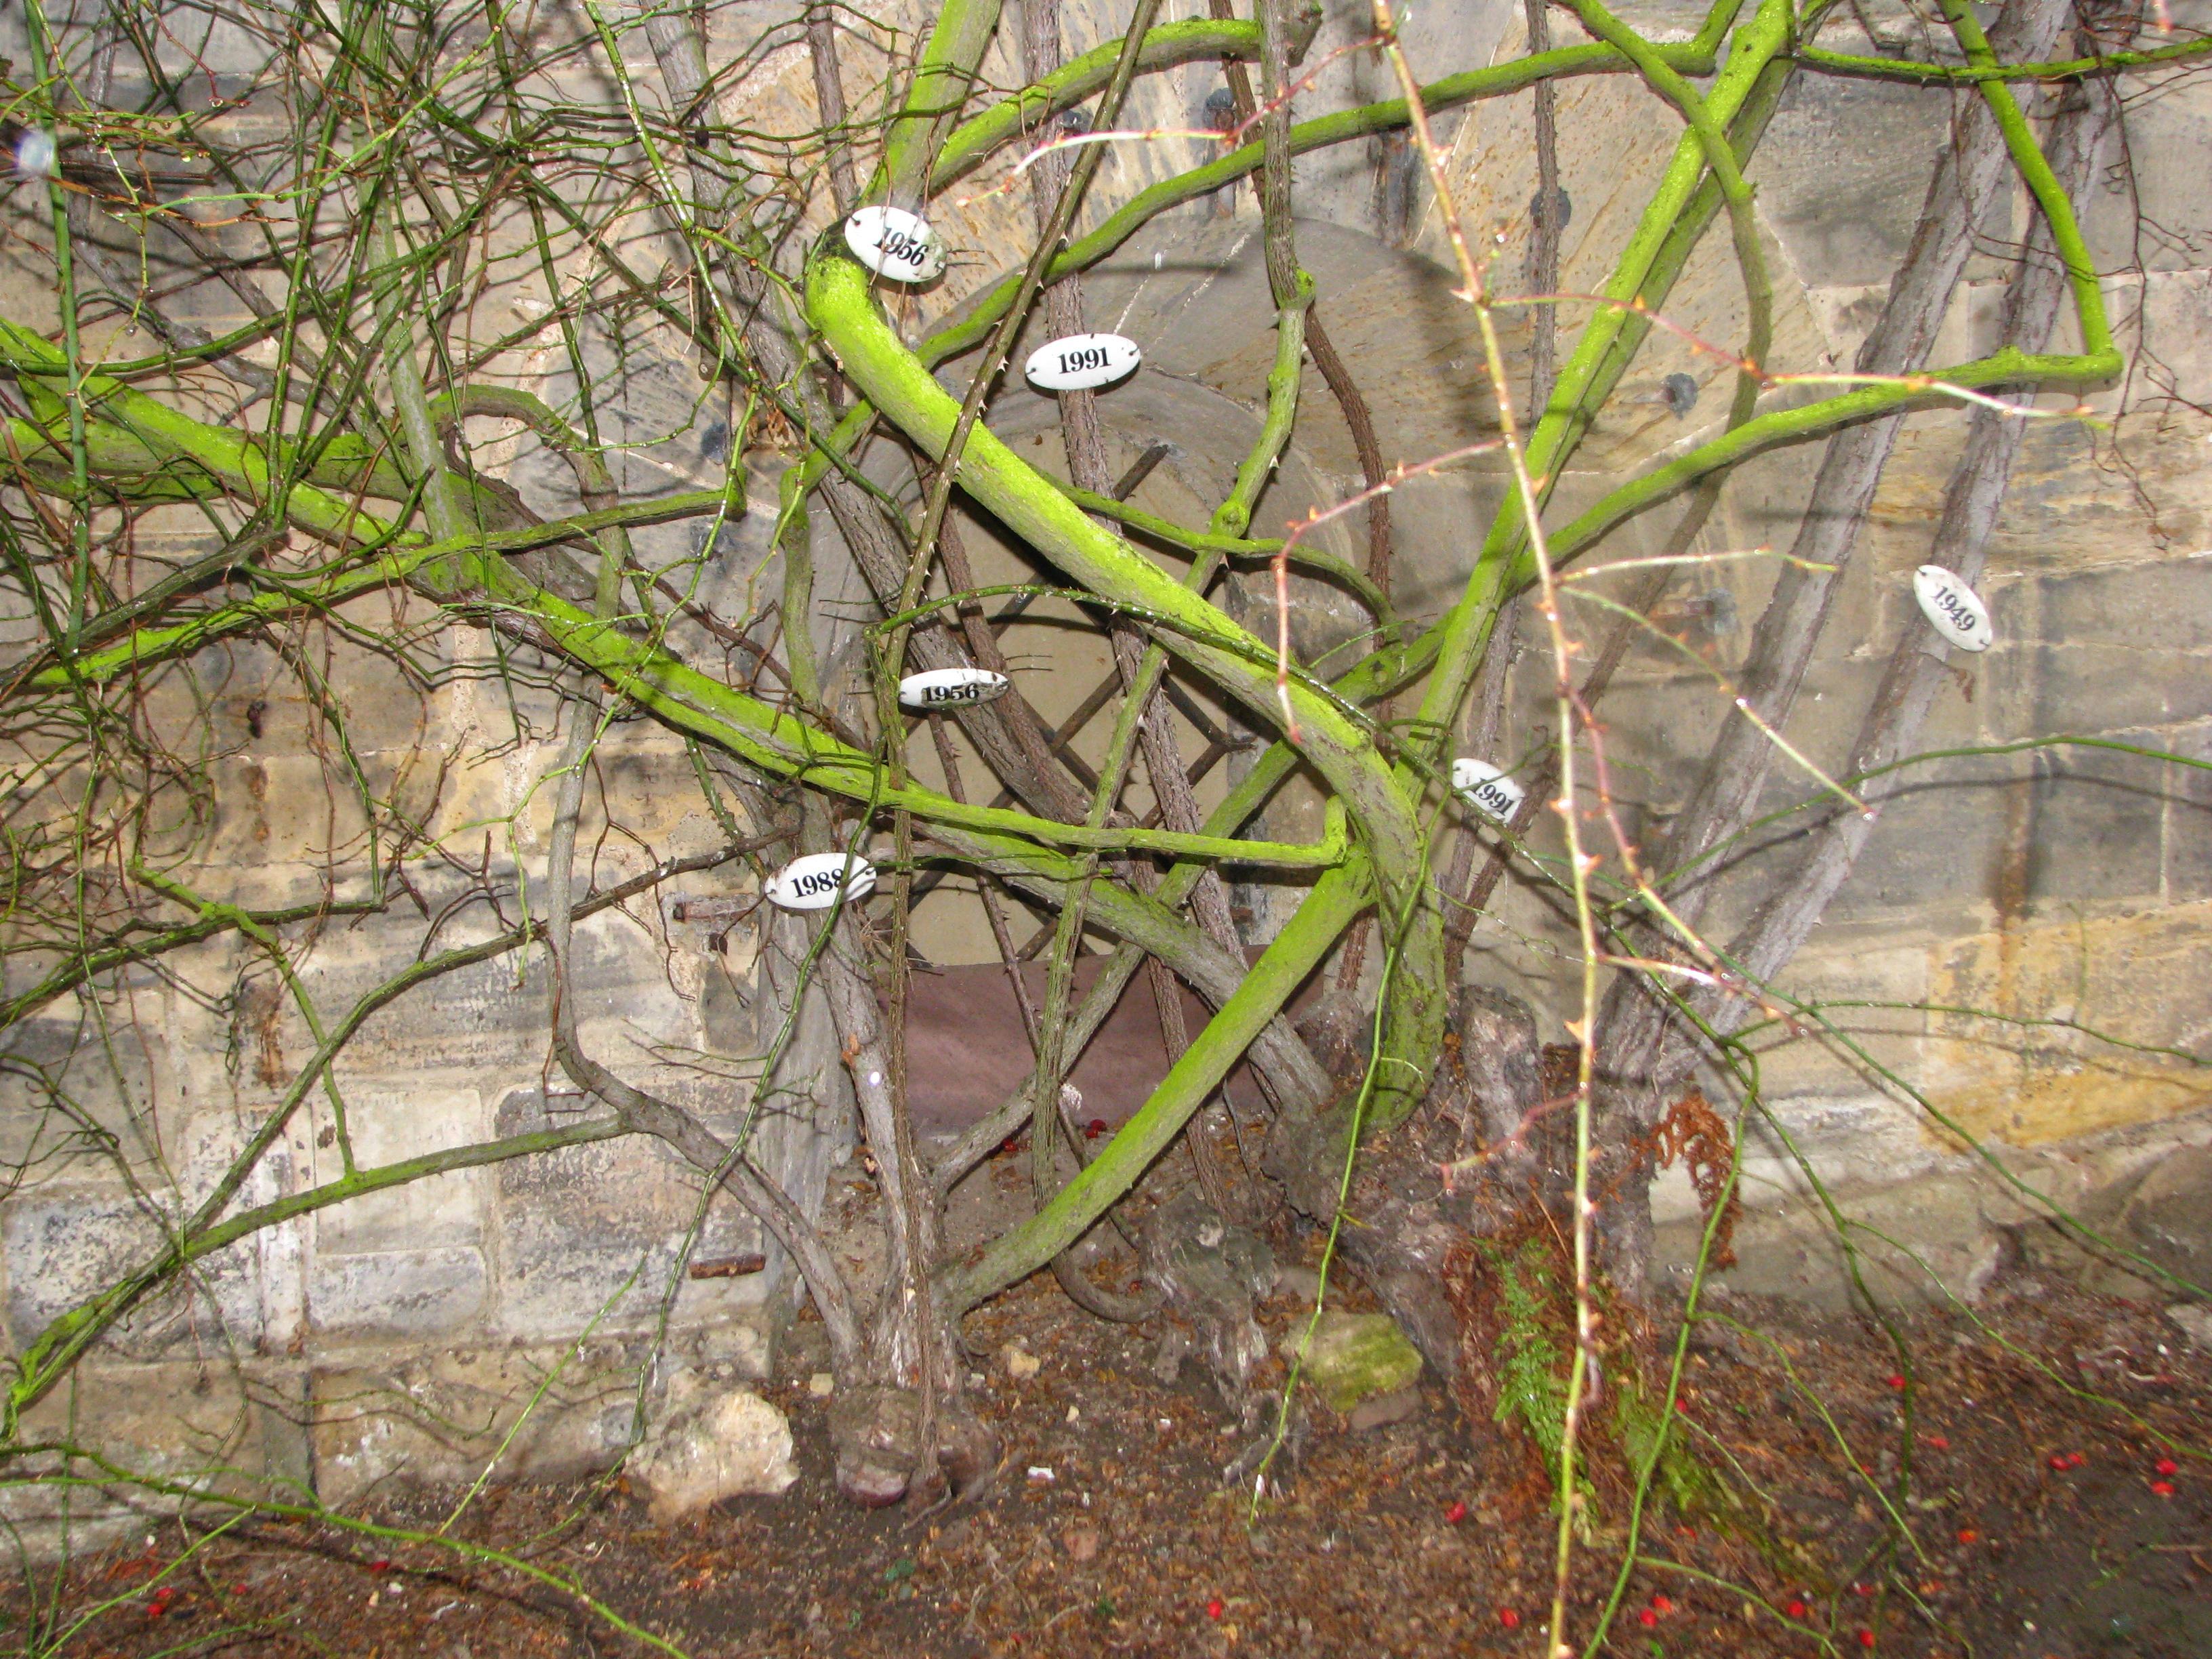 Las raíces del rosal han sido identificadas y catalogadas para poder protegerlas y conservarlas mejor.Foto de Michael Fiegle - Transferred from de.wikipedia to Commons by Ireas using CommonsHelper., CC BY-SA 3.0,